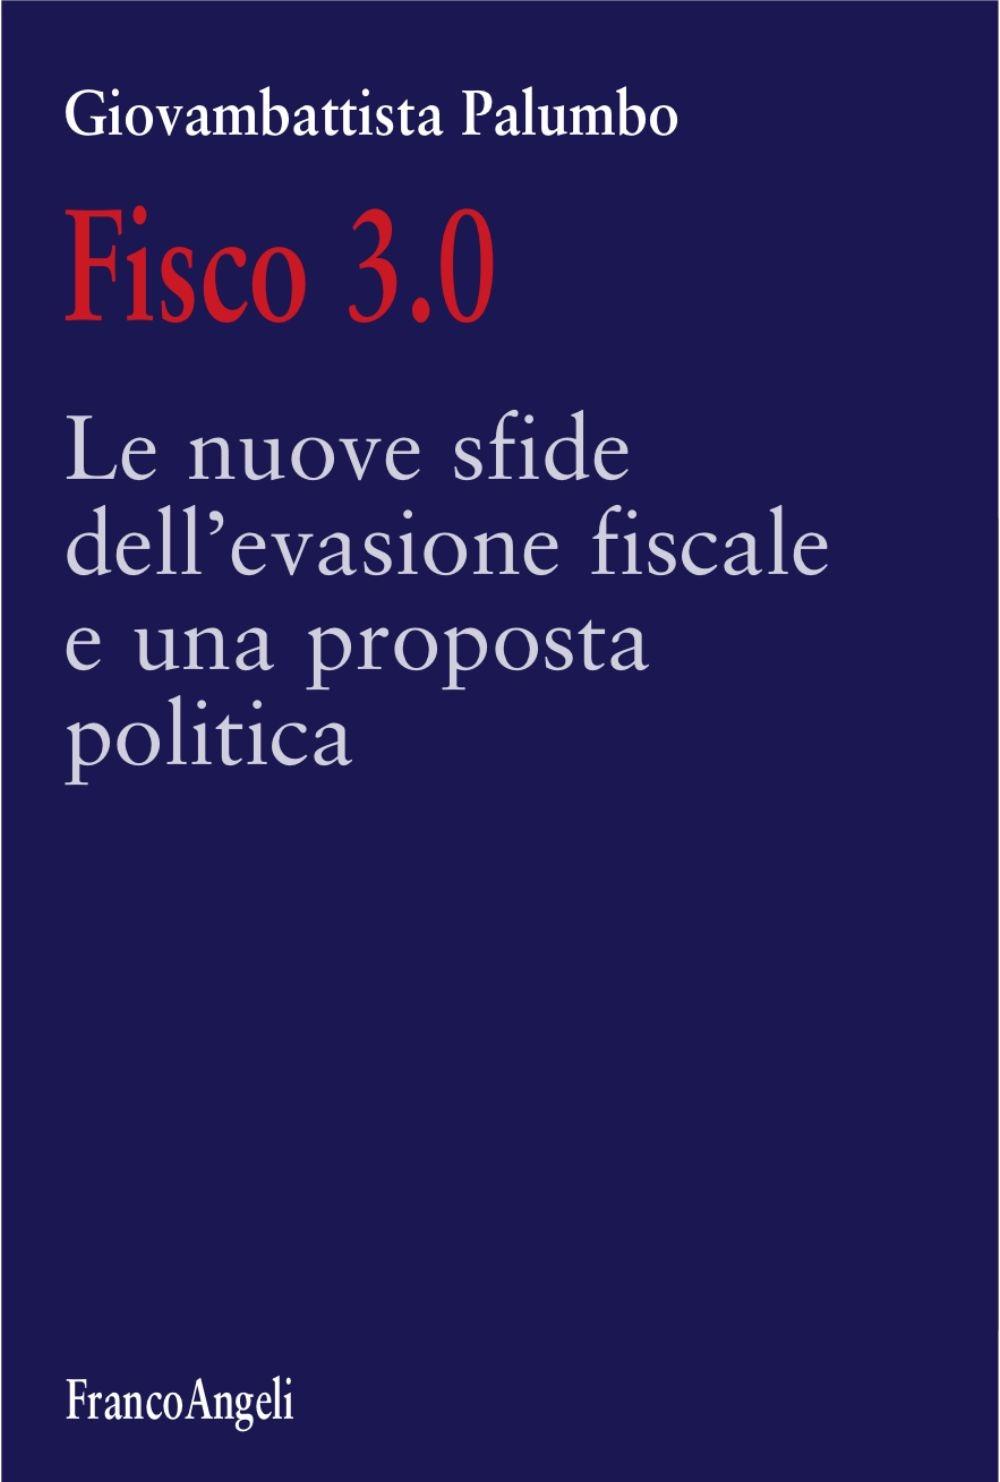 Fisco 3.0. Le nuove sfide dell'evasione fiscale e una proposta politica